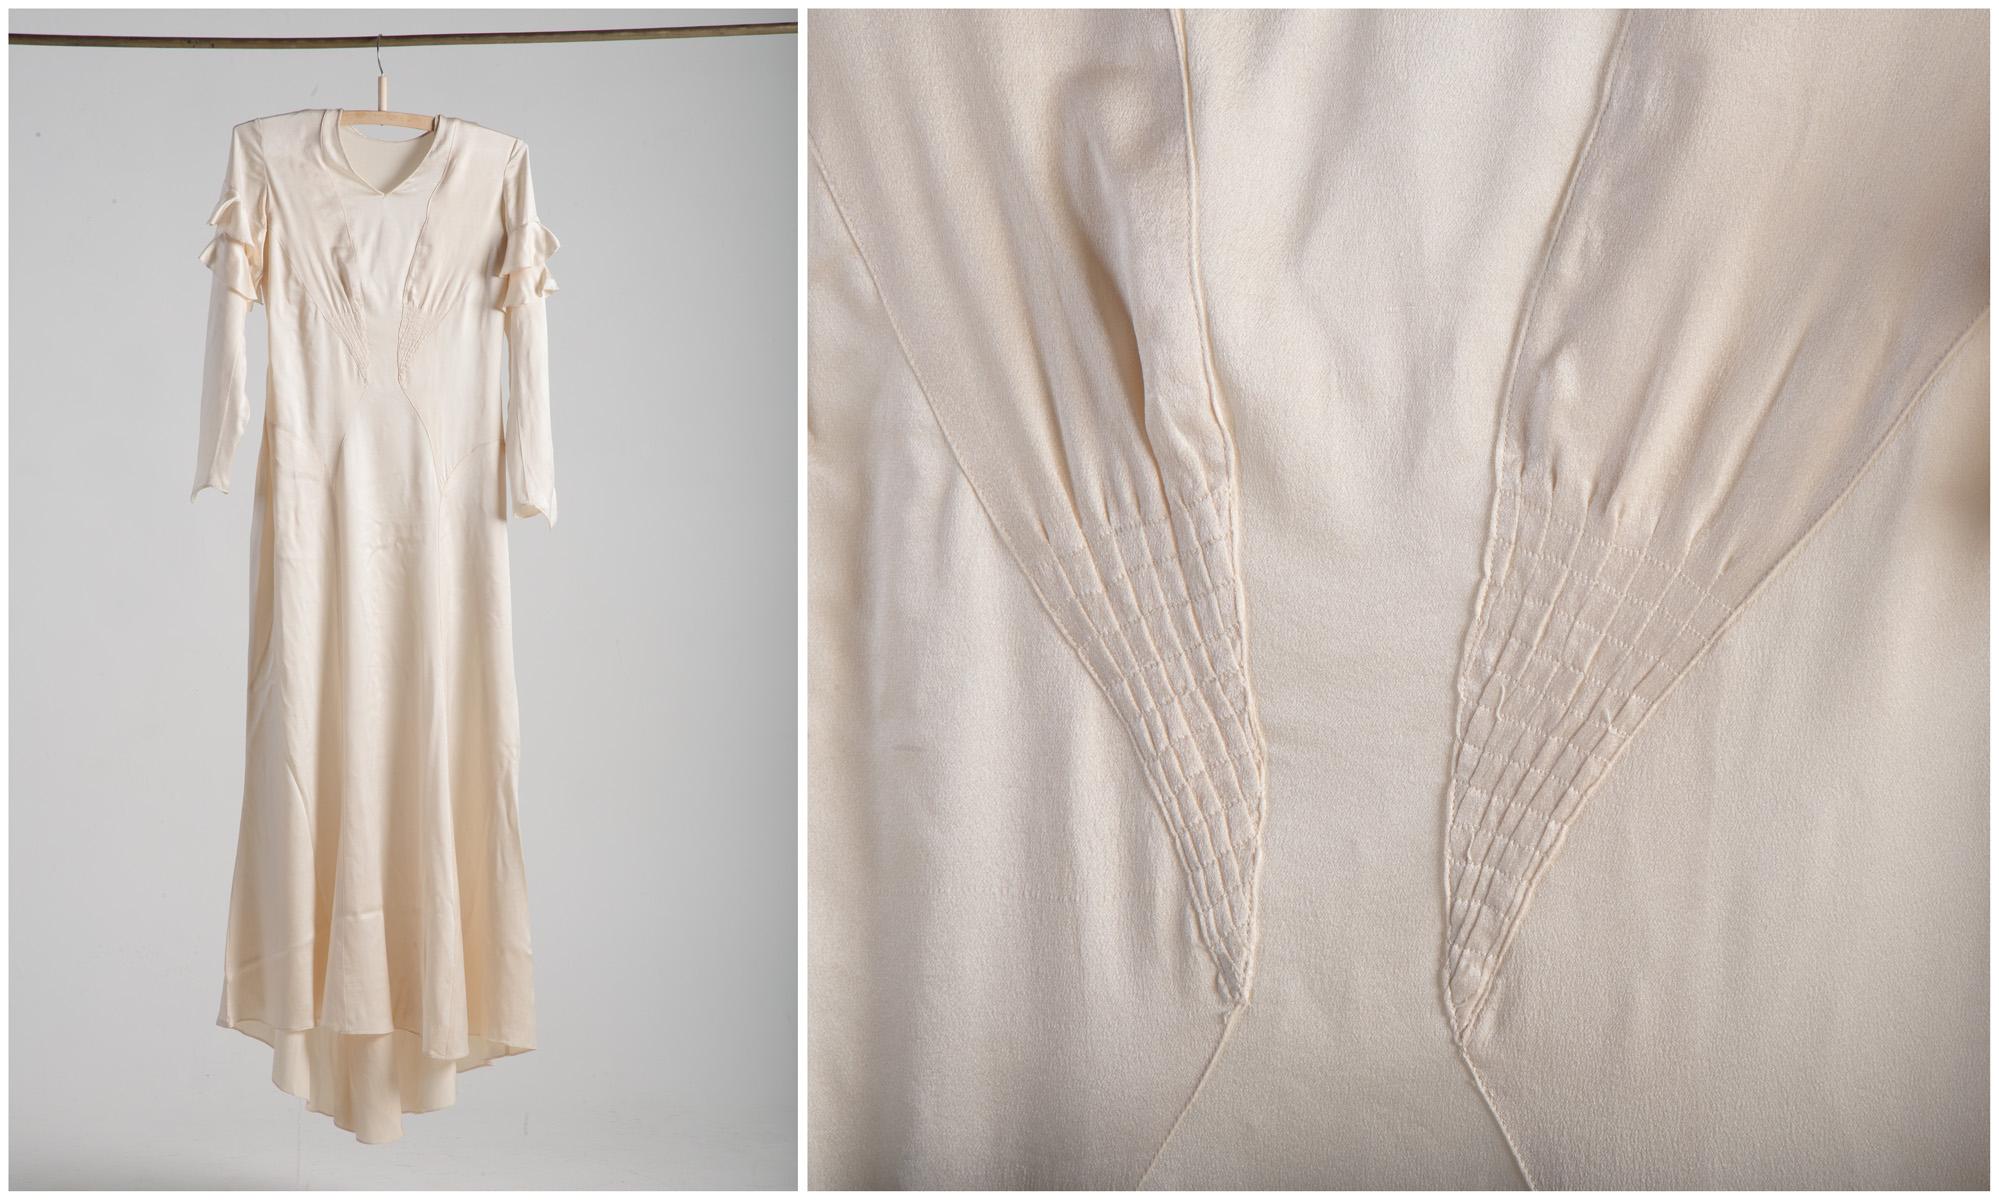 1b7bbe0b55d ERM A 913:86 Pulmakleit, 1934 (Tallinn). Põllutööministeeriumi  raamatupidaja ja Kihlepa kodumajanduskooli juhataja pulmas kantud kleit.